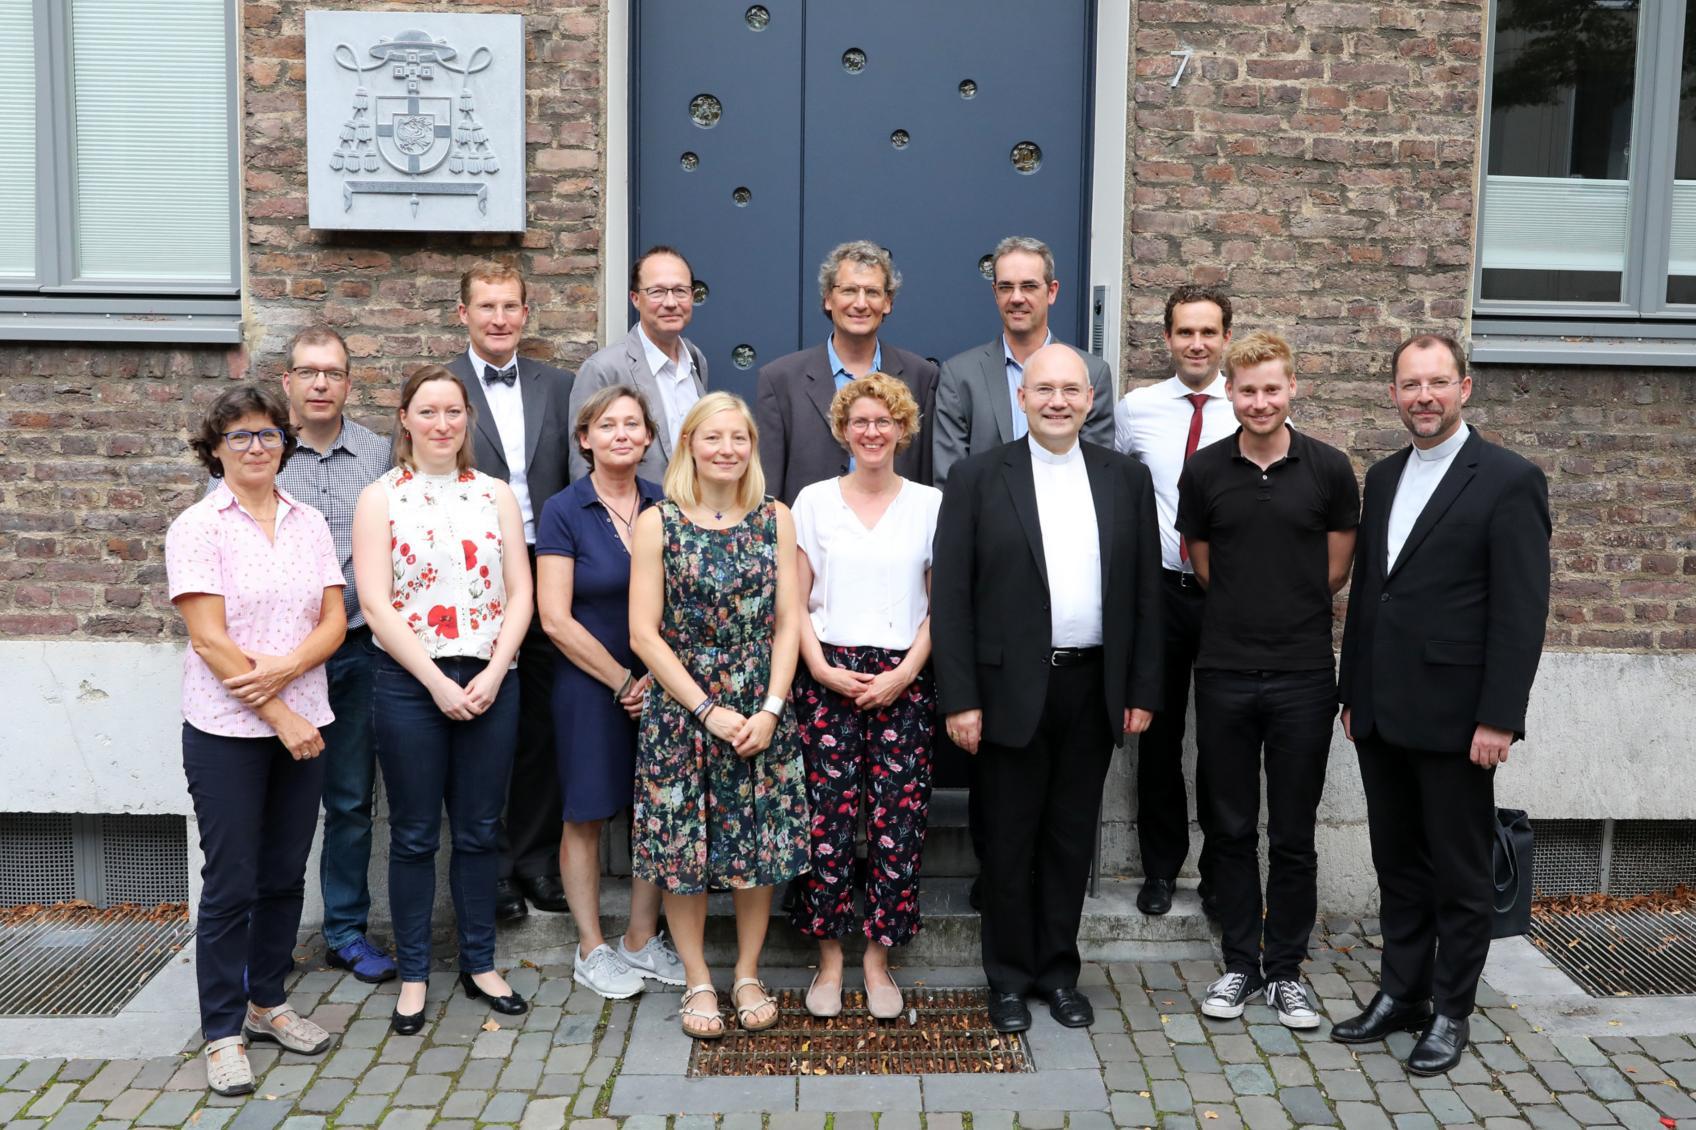 """Beirat des """"Heute bei dir""""-Prozess (c) Bistum Aachen / Andreas Steindl"""